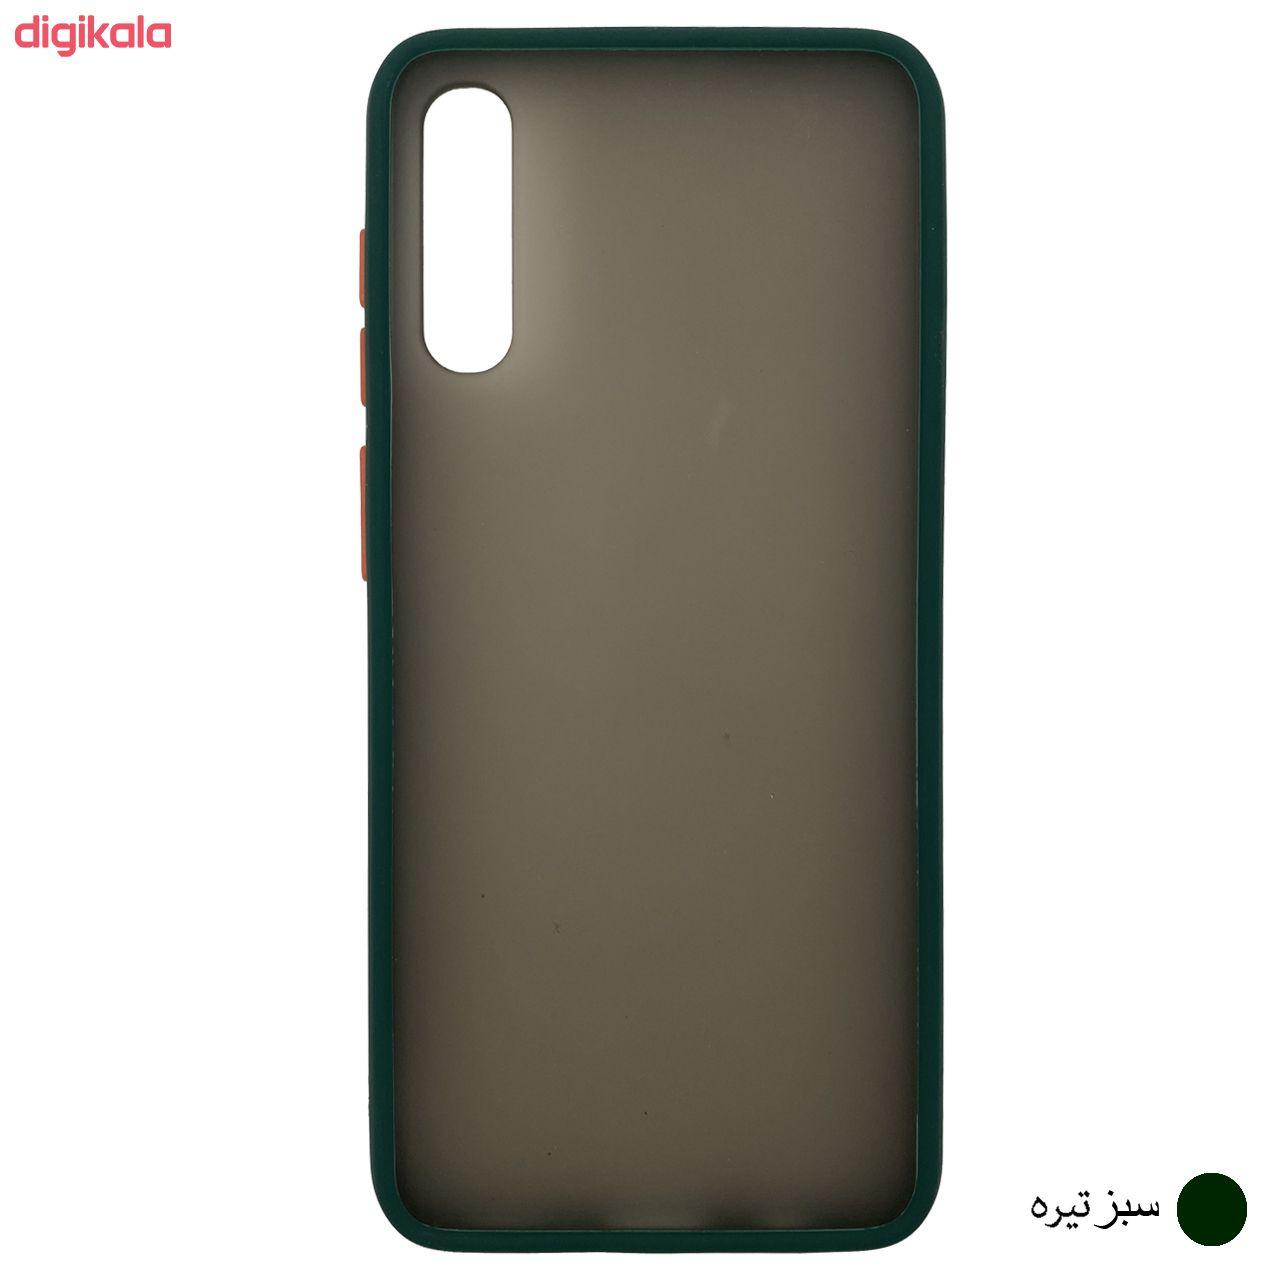 کاور مدل MTT مناسب برای گوشی موبایل سامسونگ Galaxy A50 / A50s / A30s main 1 4